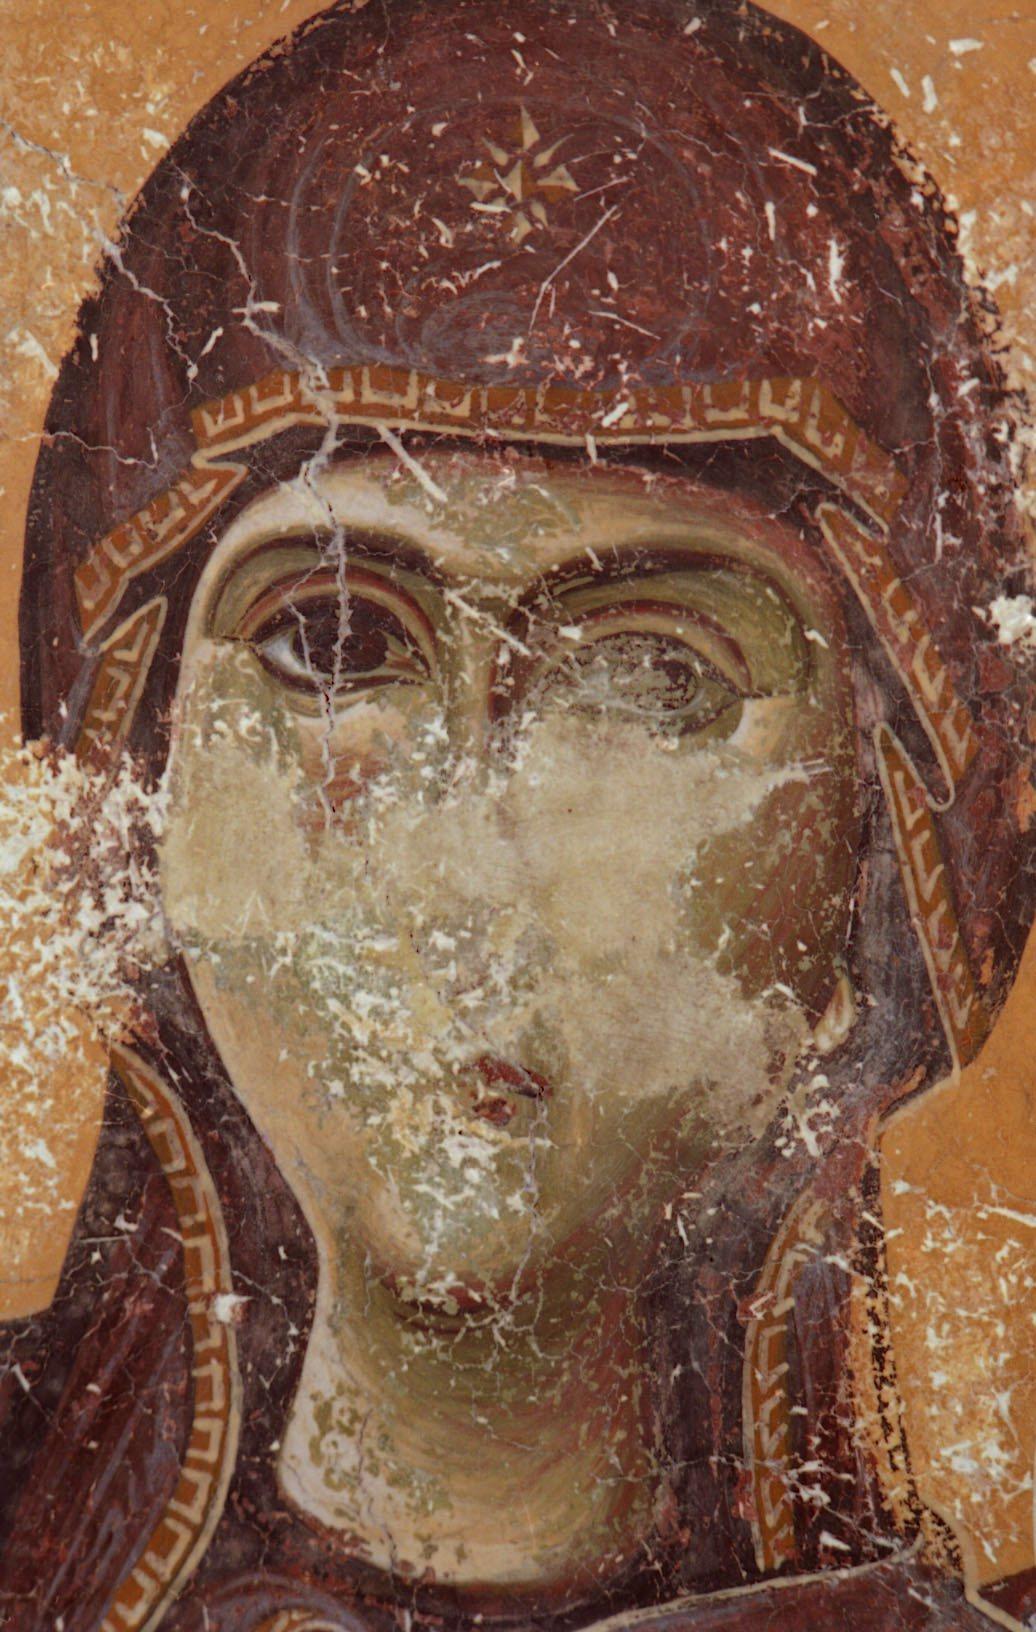 Лик Богородицы. Фрагмент фрески церкви Св. Георгия в Курбиново, Македония. 1191 год.